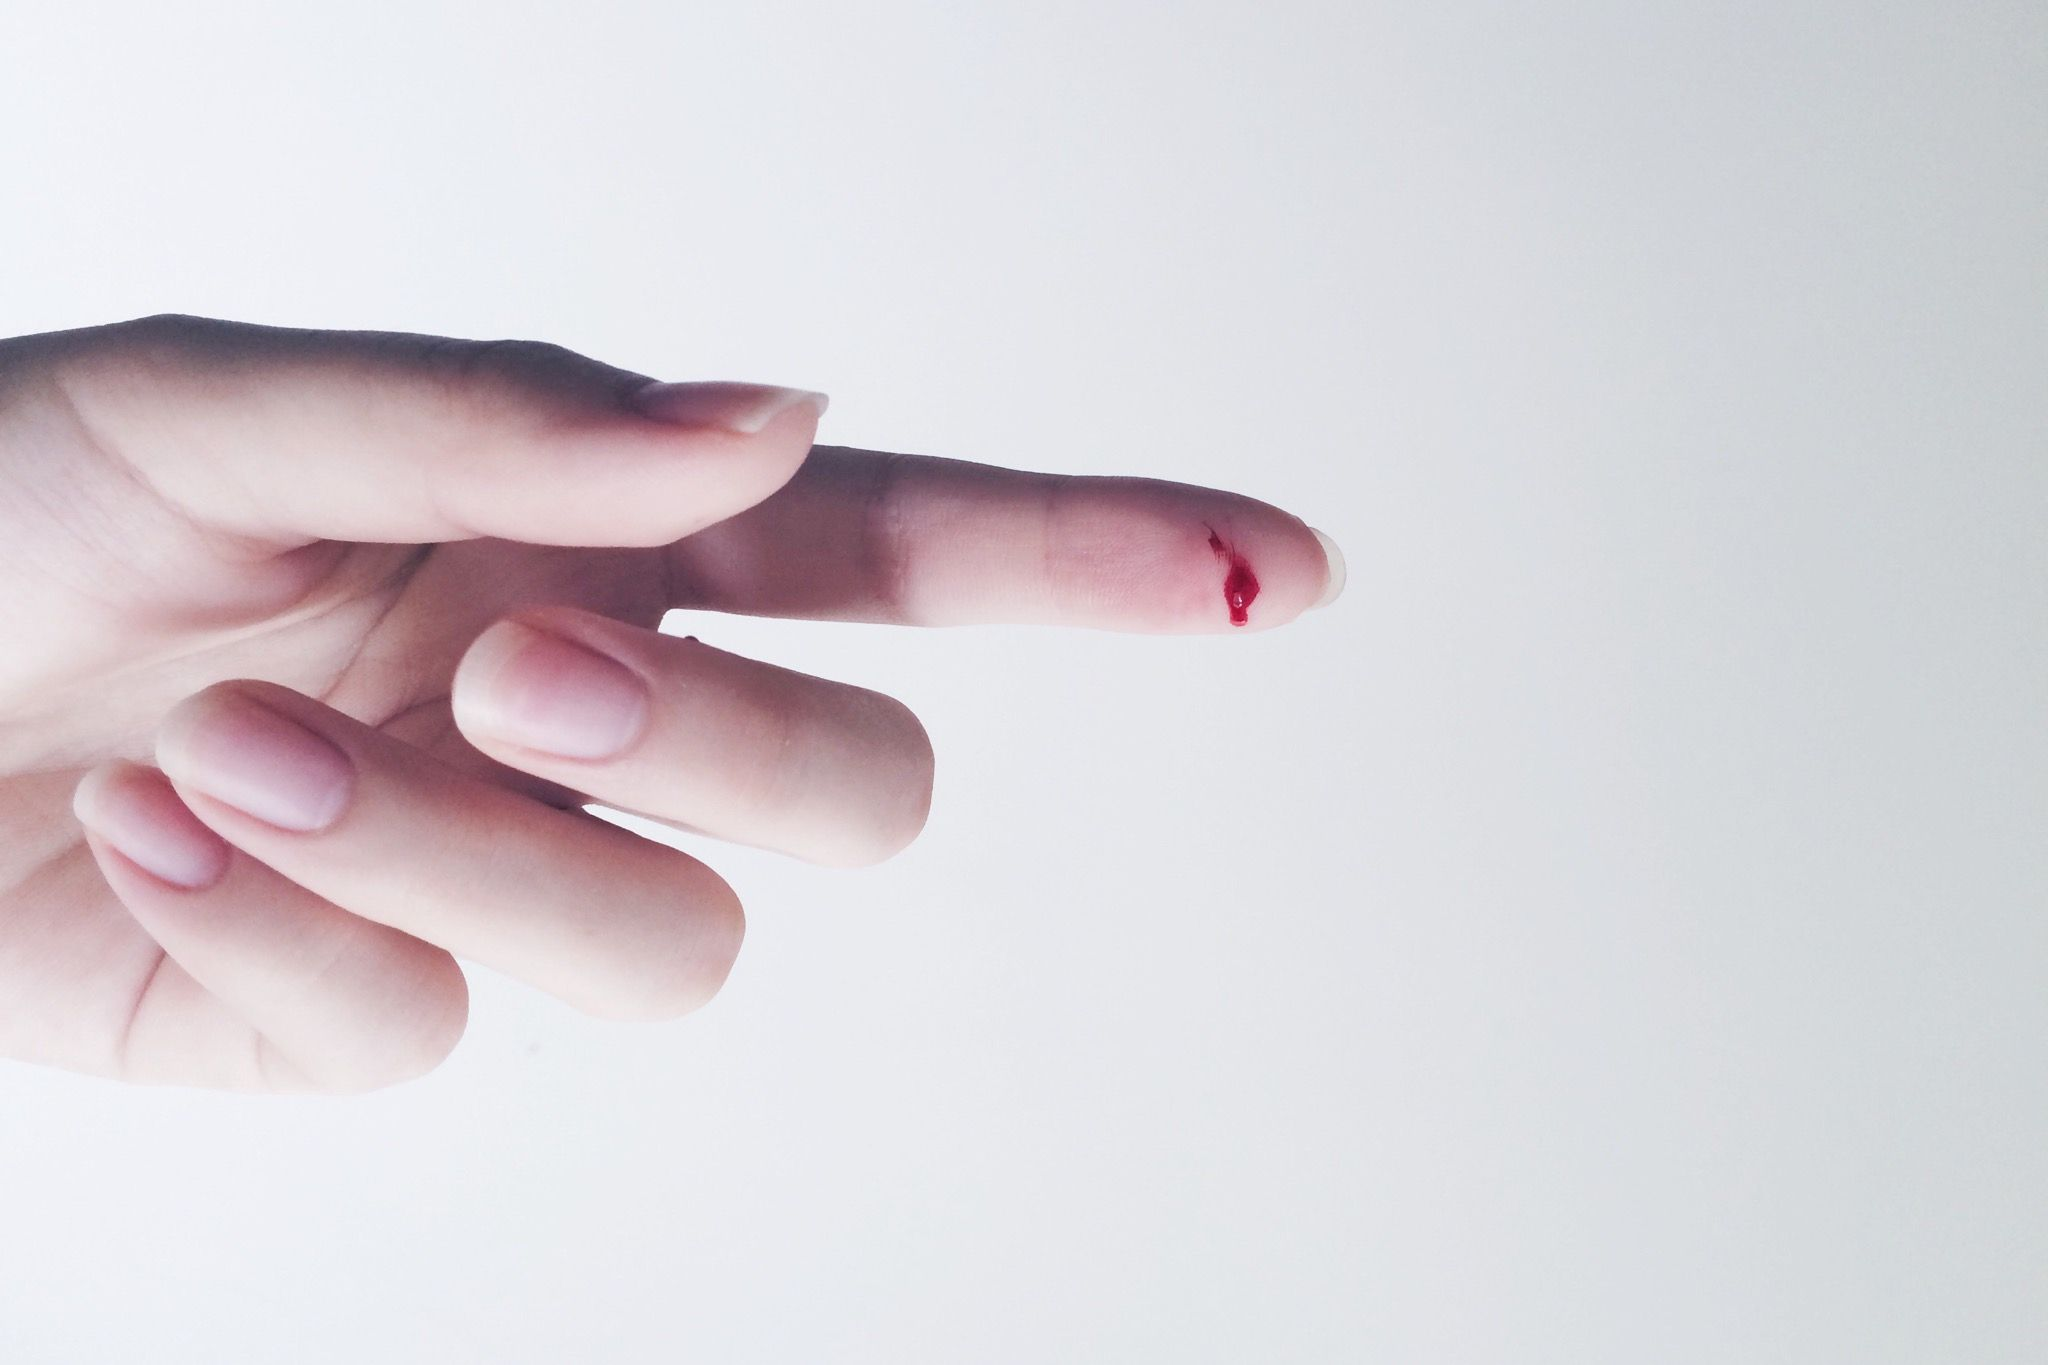 Bleeding finger